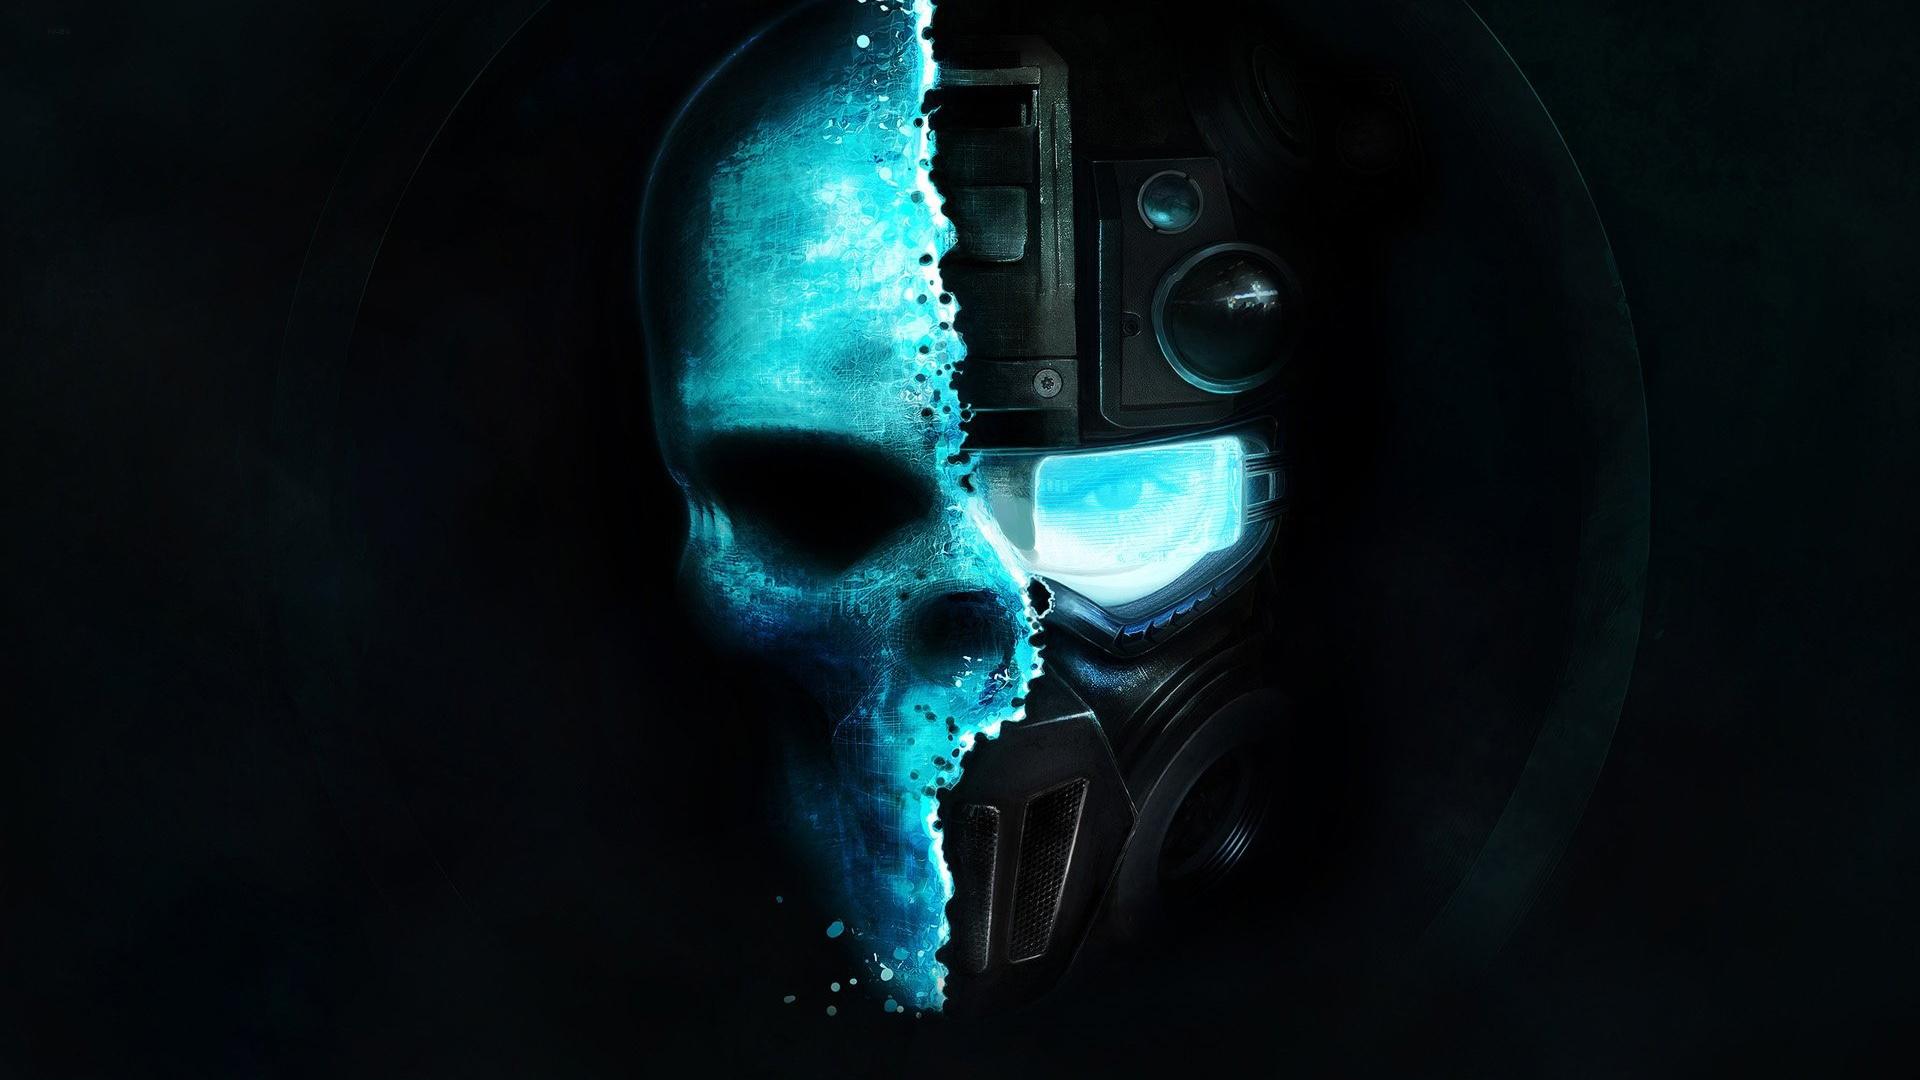 Ghost Recon Future Soldier wallpaper 168822 1920x1080